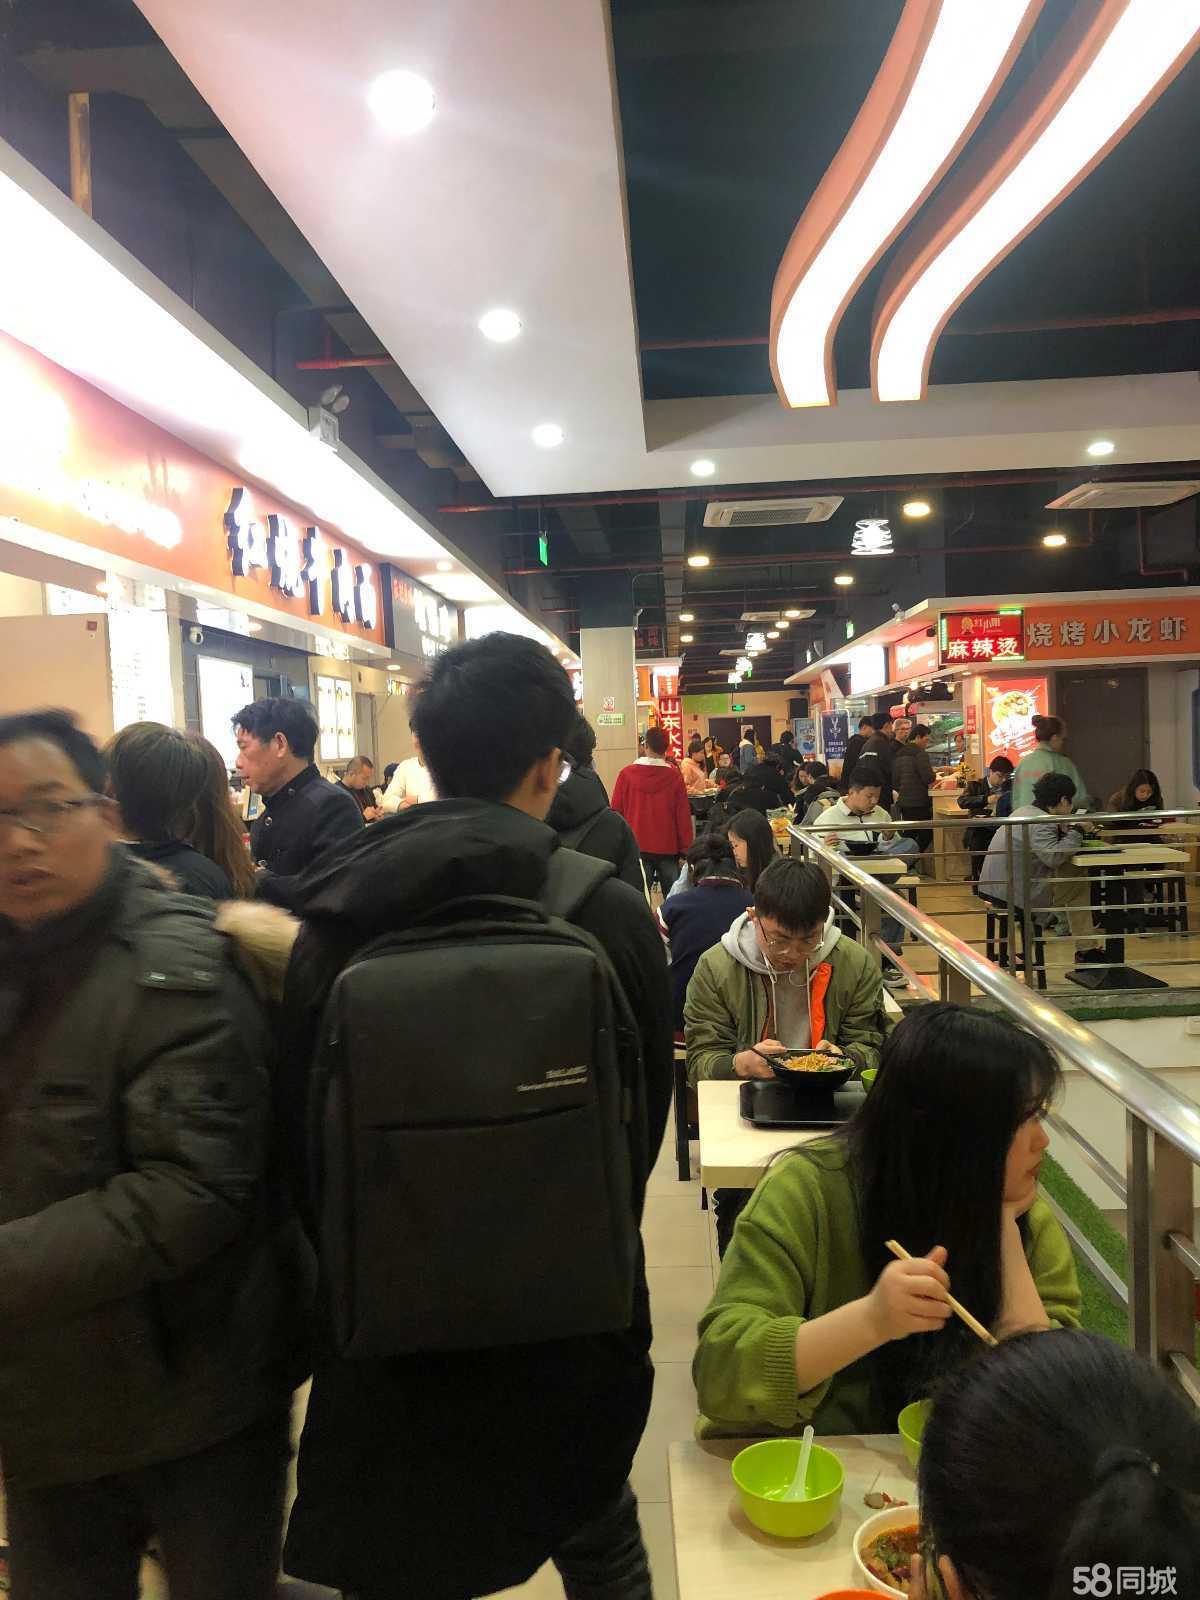 徐汇淮海中路陕西南路地铁站商业写字楼餐饮配套现招商